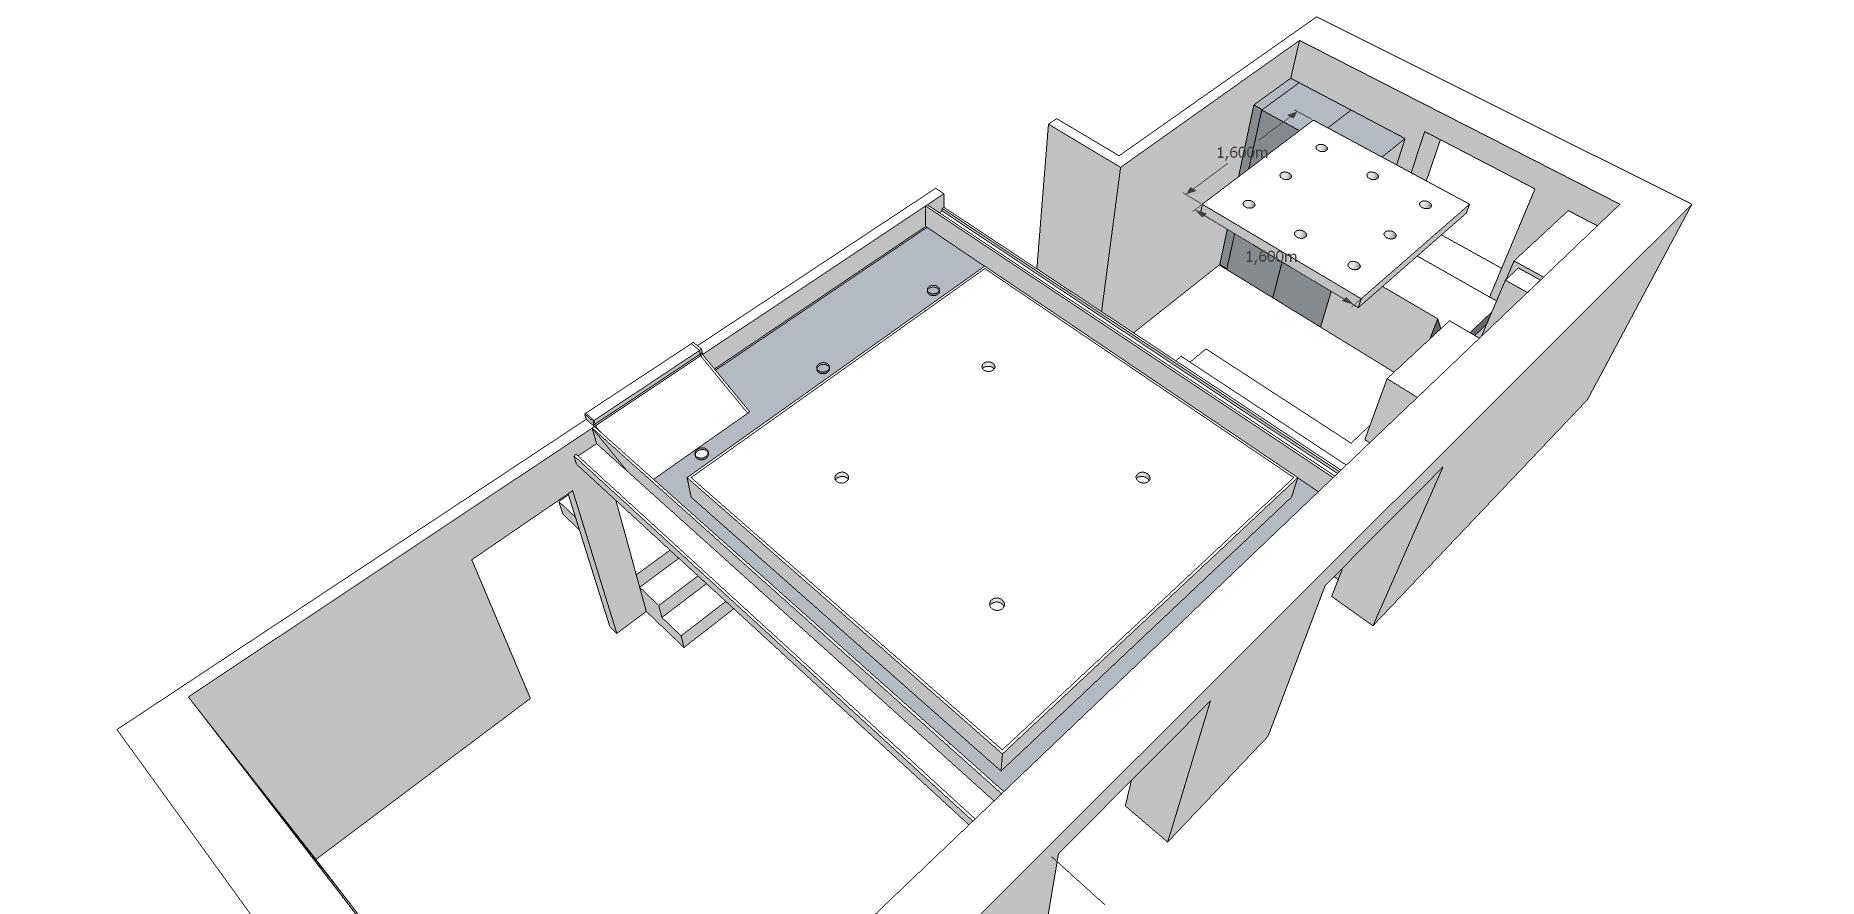 konzept abgeh ngte decke v0 5 blick von oben jetzt wird gebaut bautagebuch. Black Bedroom Furniture Sets. Home Design Ideas